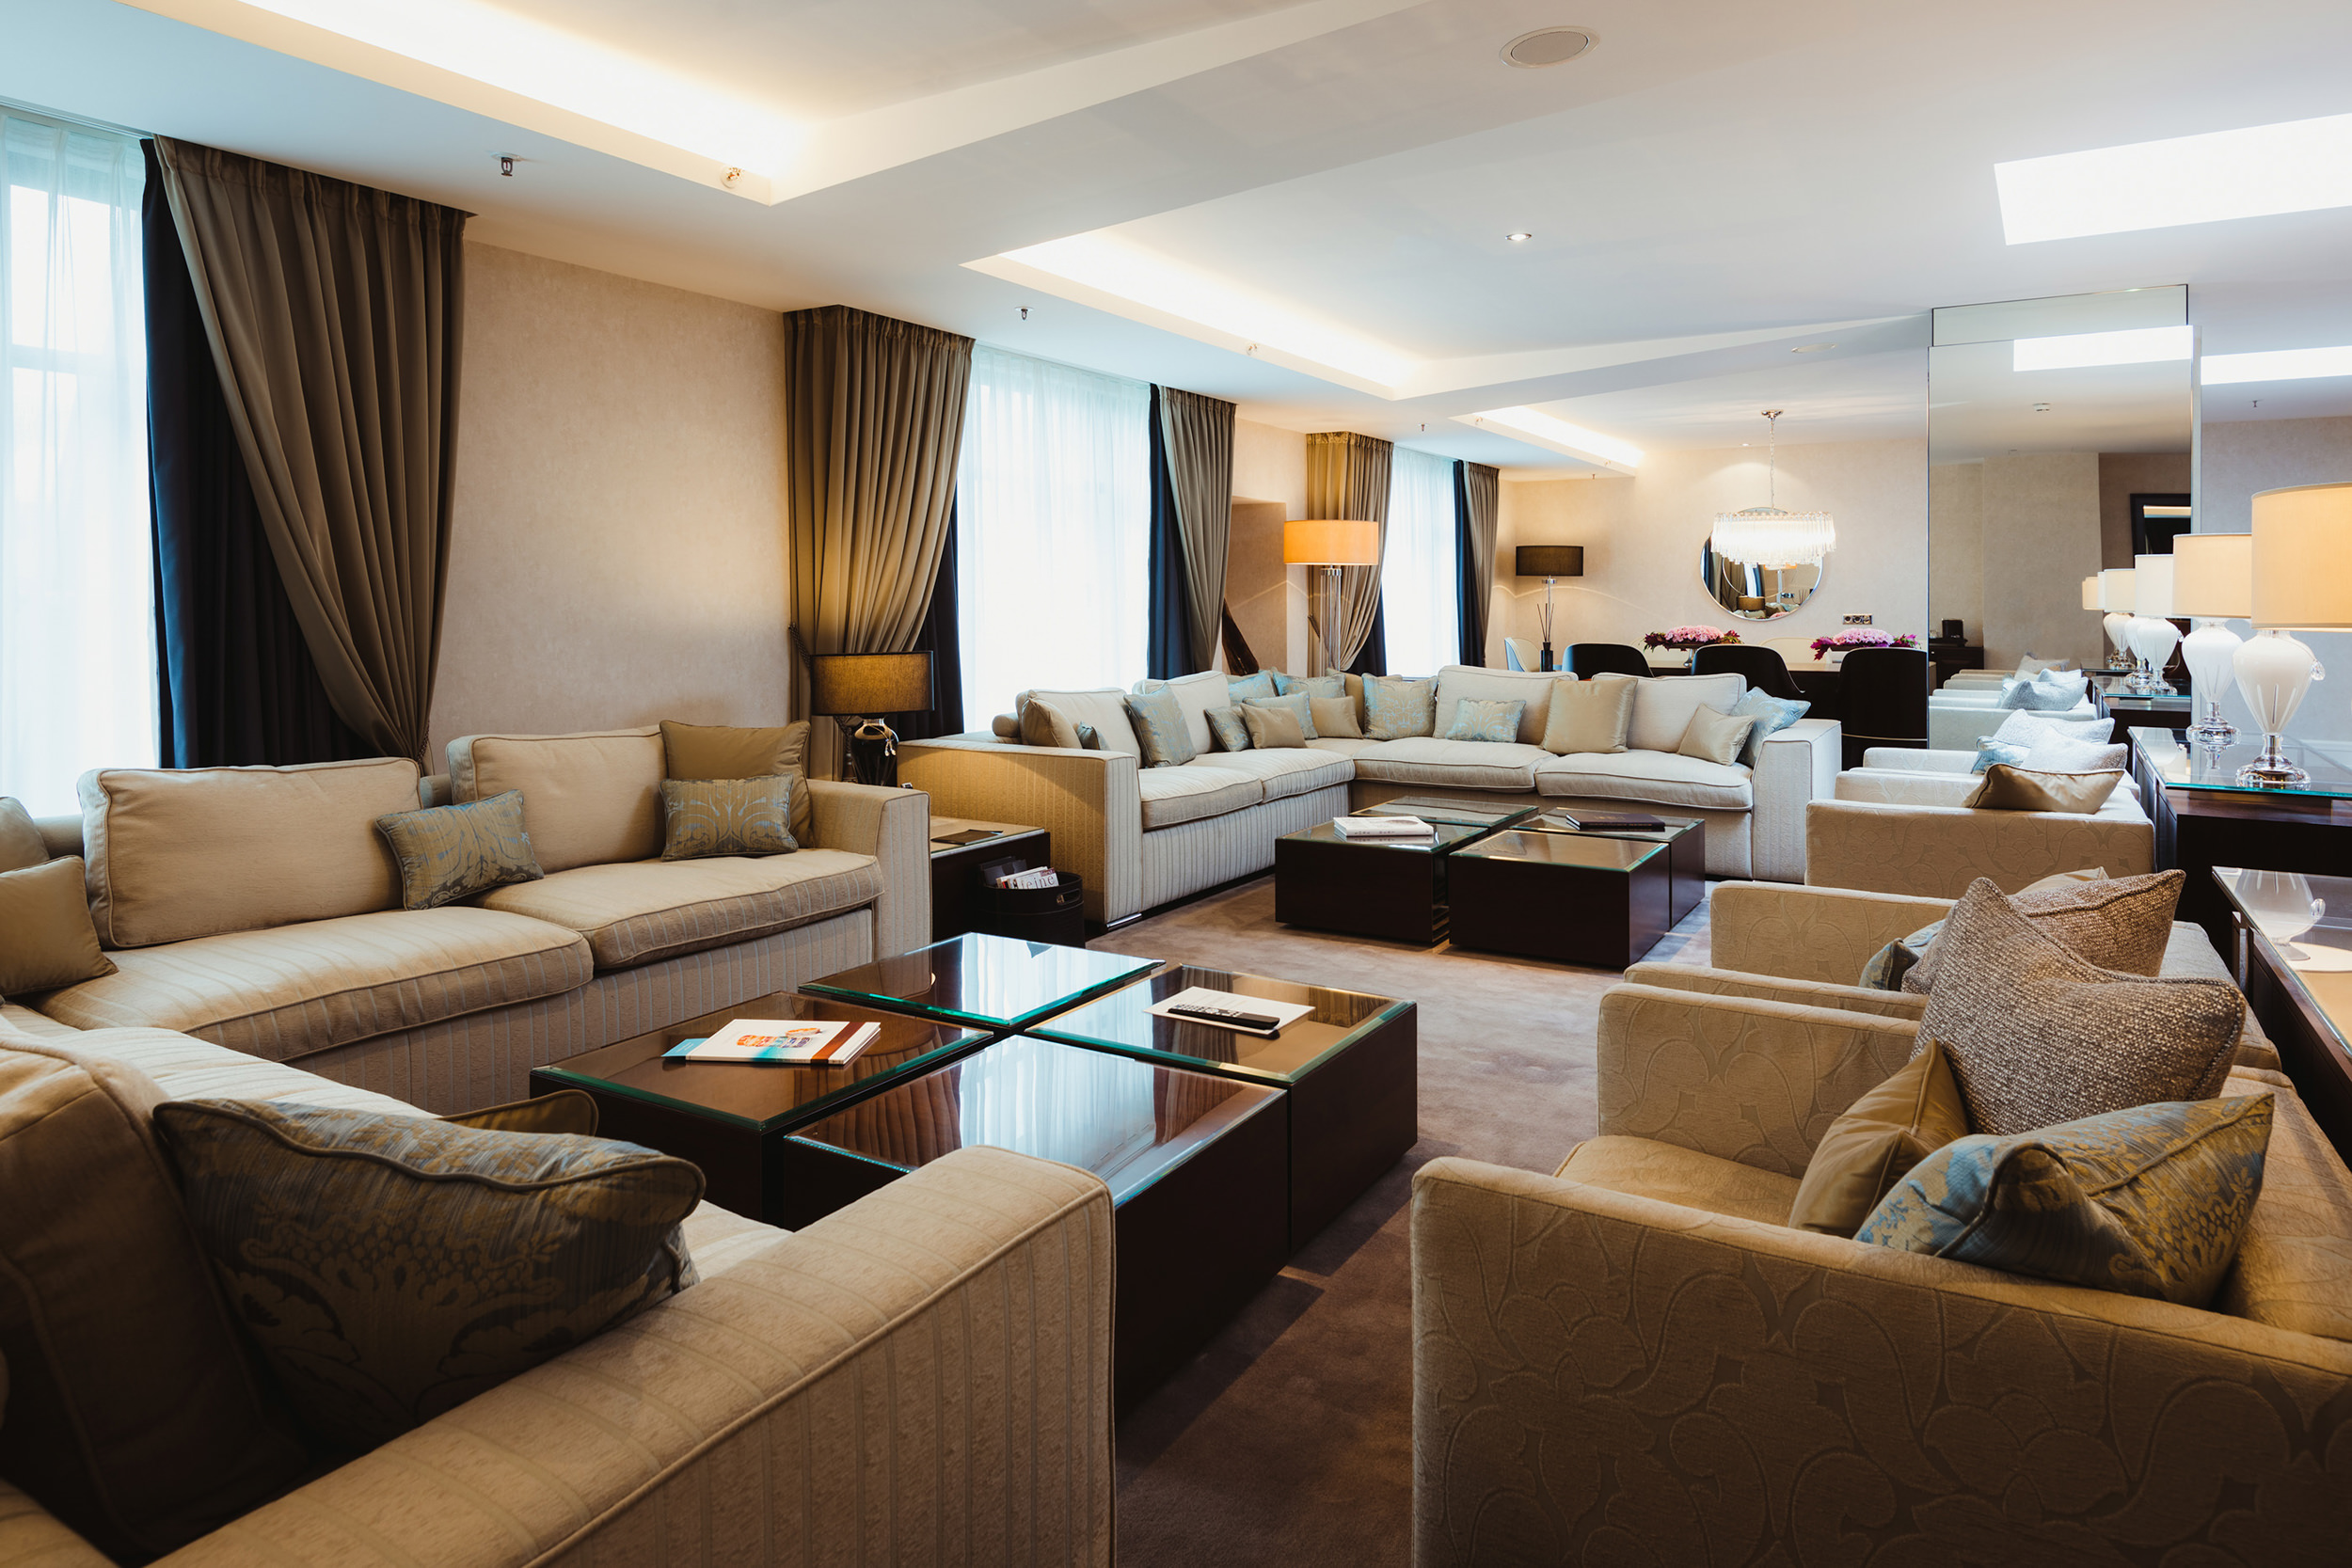 interior design 64